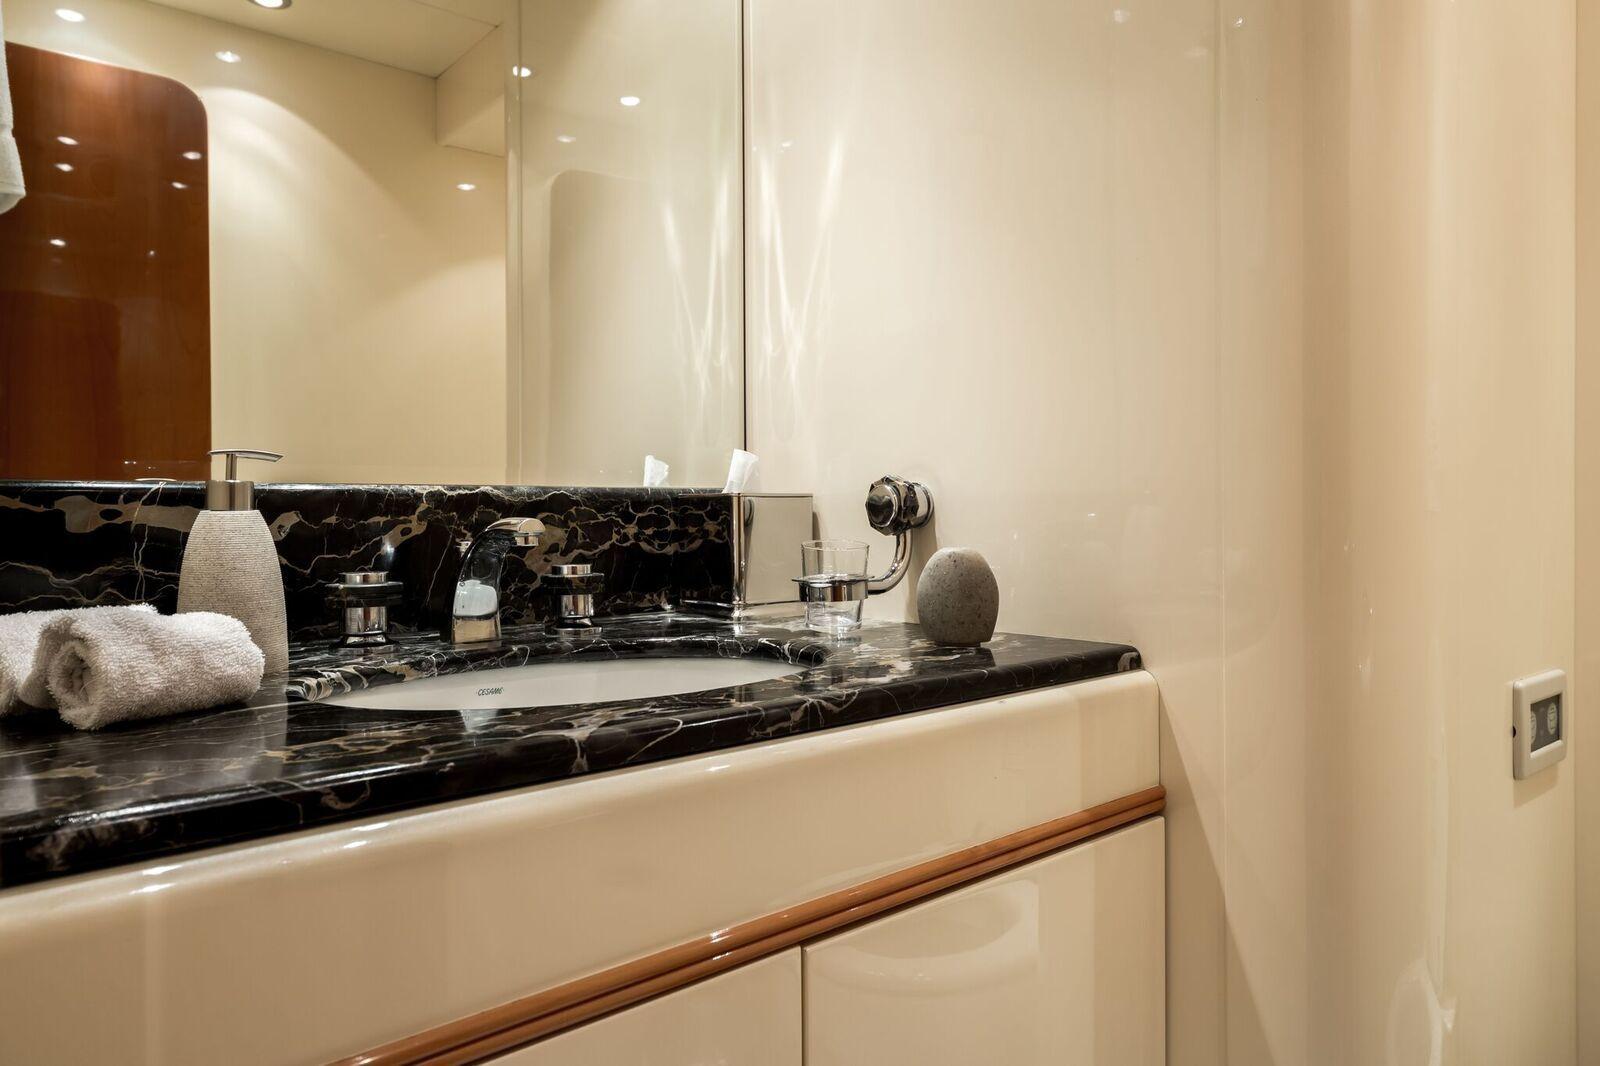 INDULGENCE OF POOLE Mangusta 86 Luxury Superyacht Main Bathroom